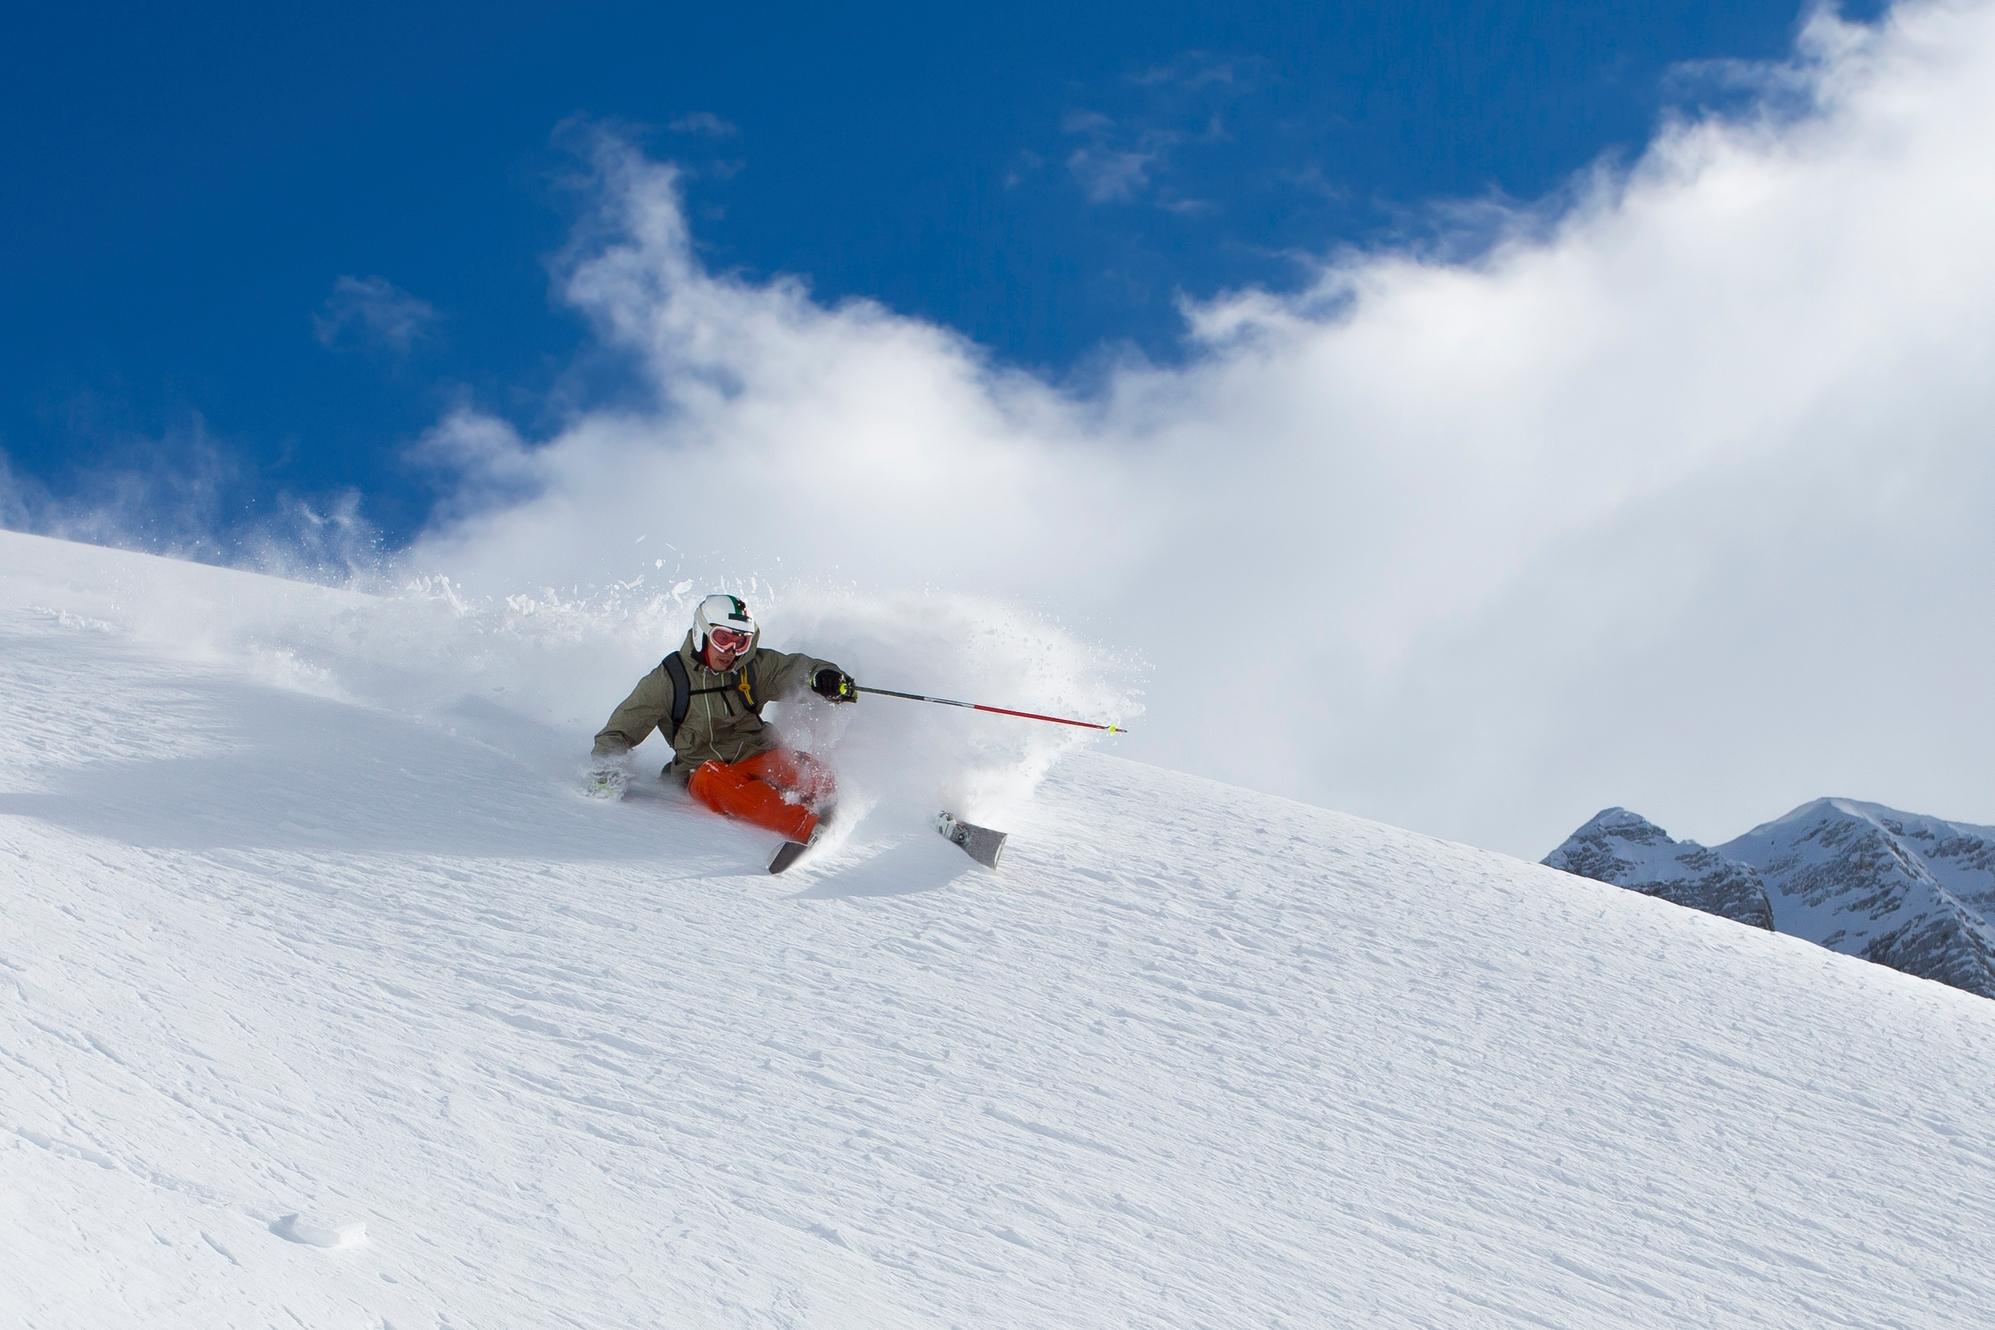 Skiegebiete mit Schneegarantie: Presena, Italien